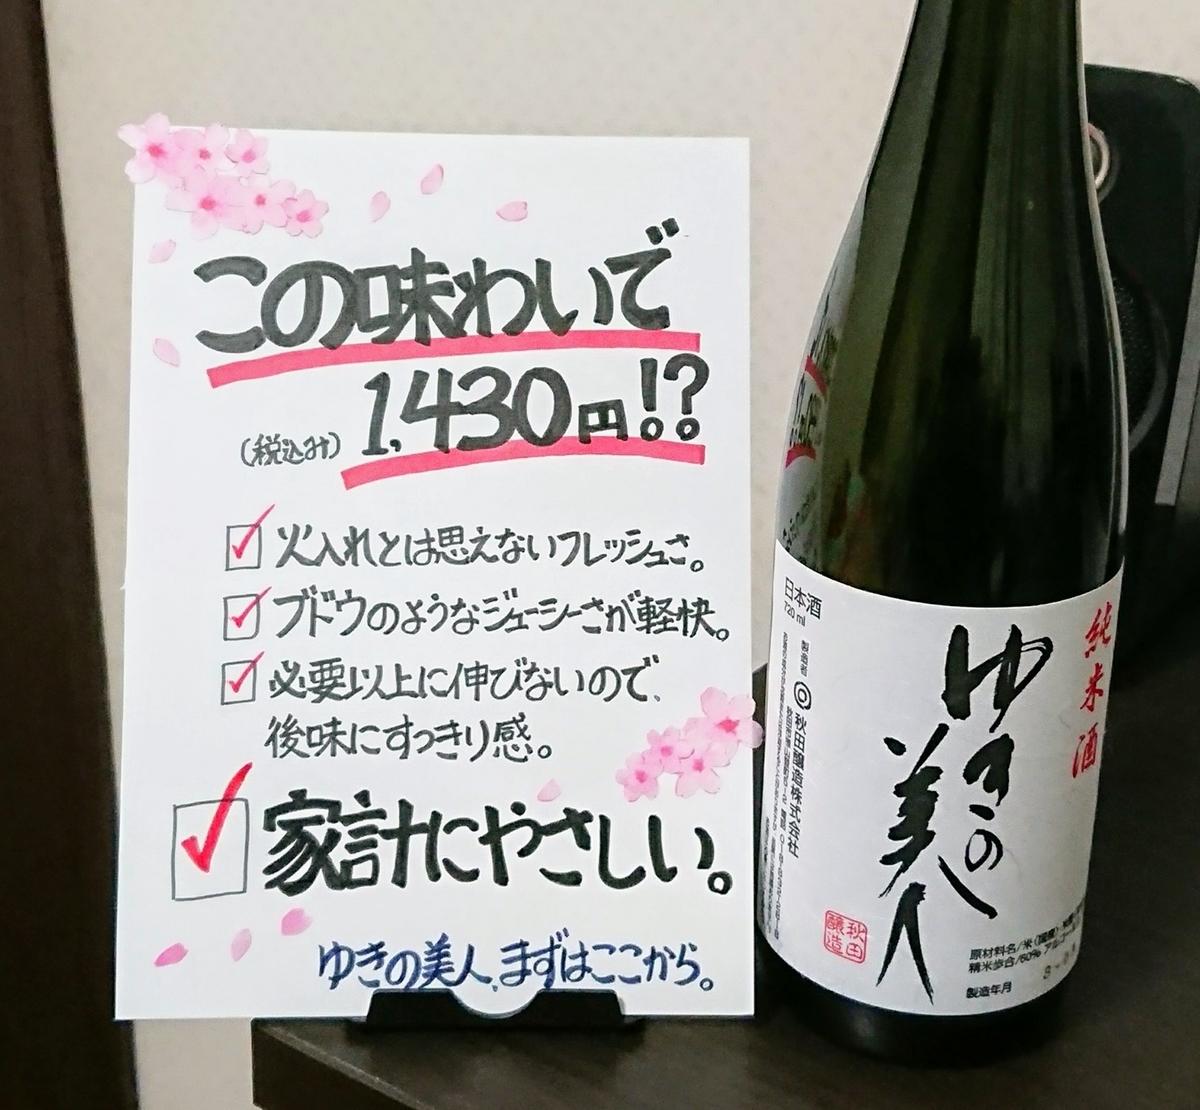 ゆきの美人 純米酒の感想・レビュー